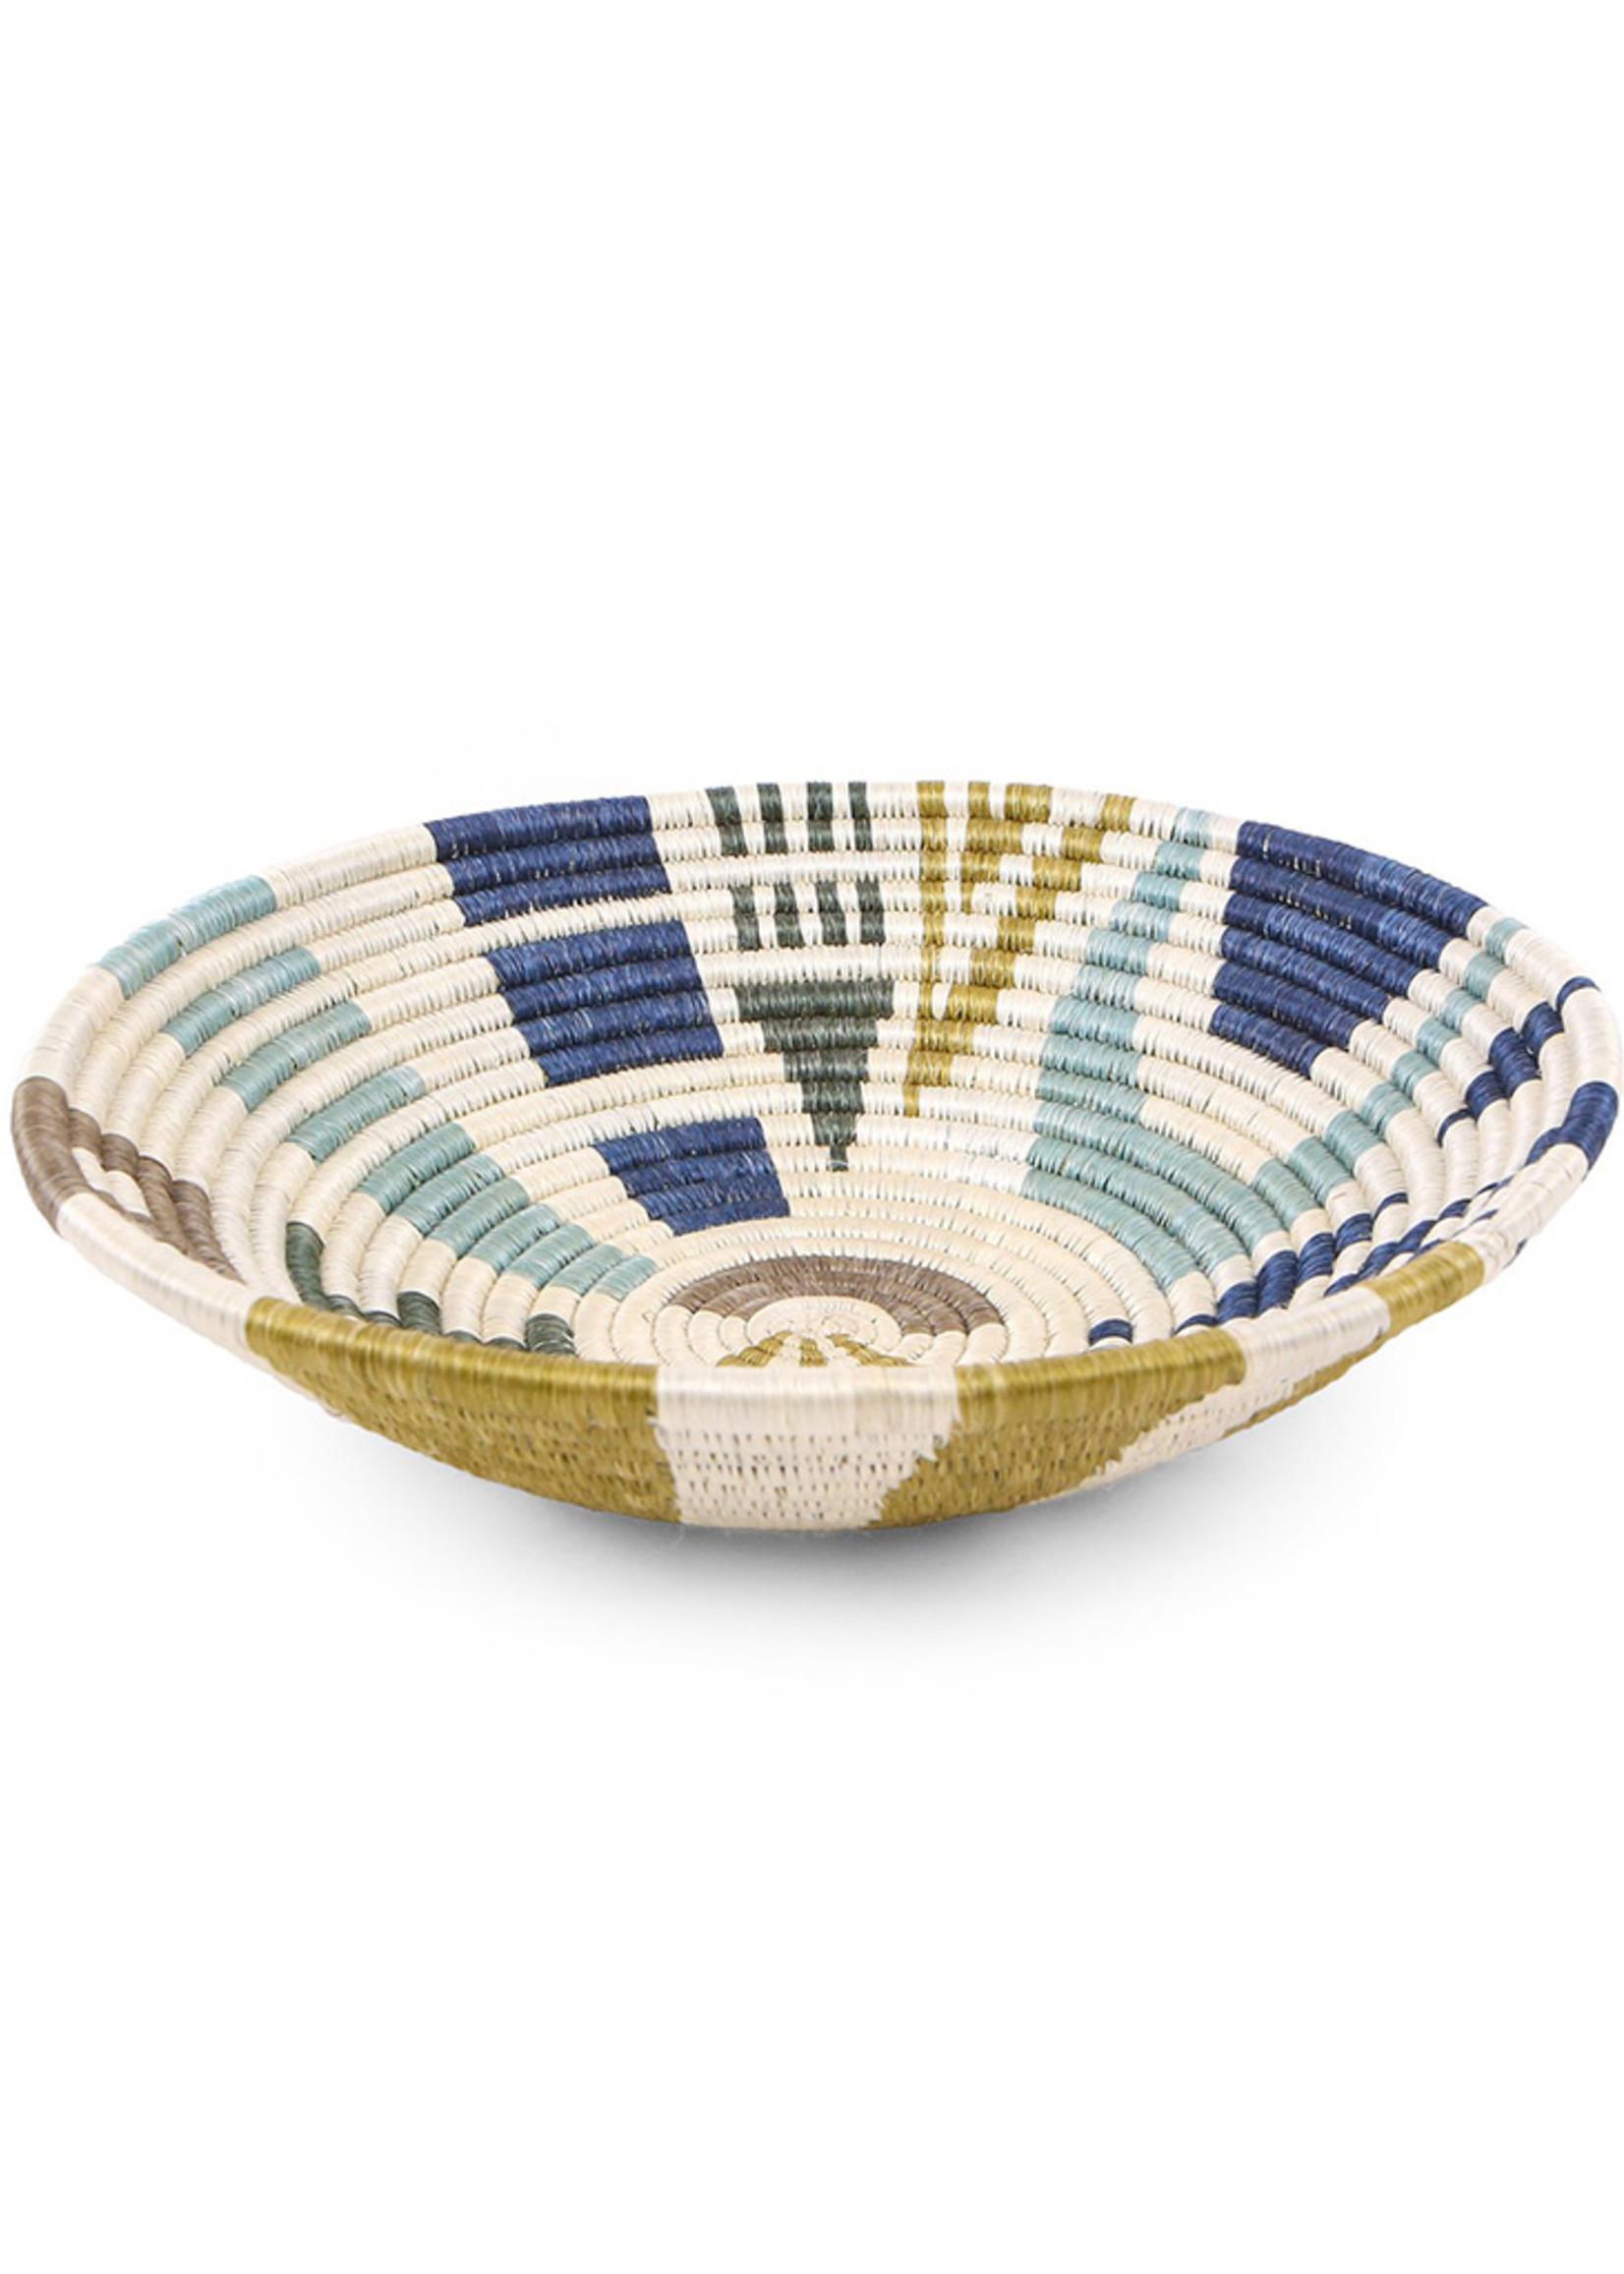 Kazi Large Silver Blue Biko Basket